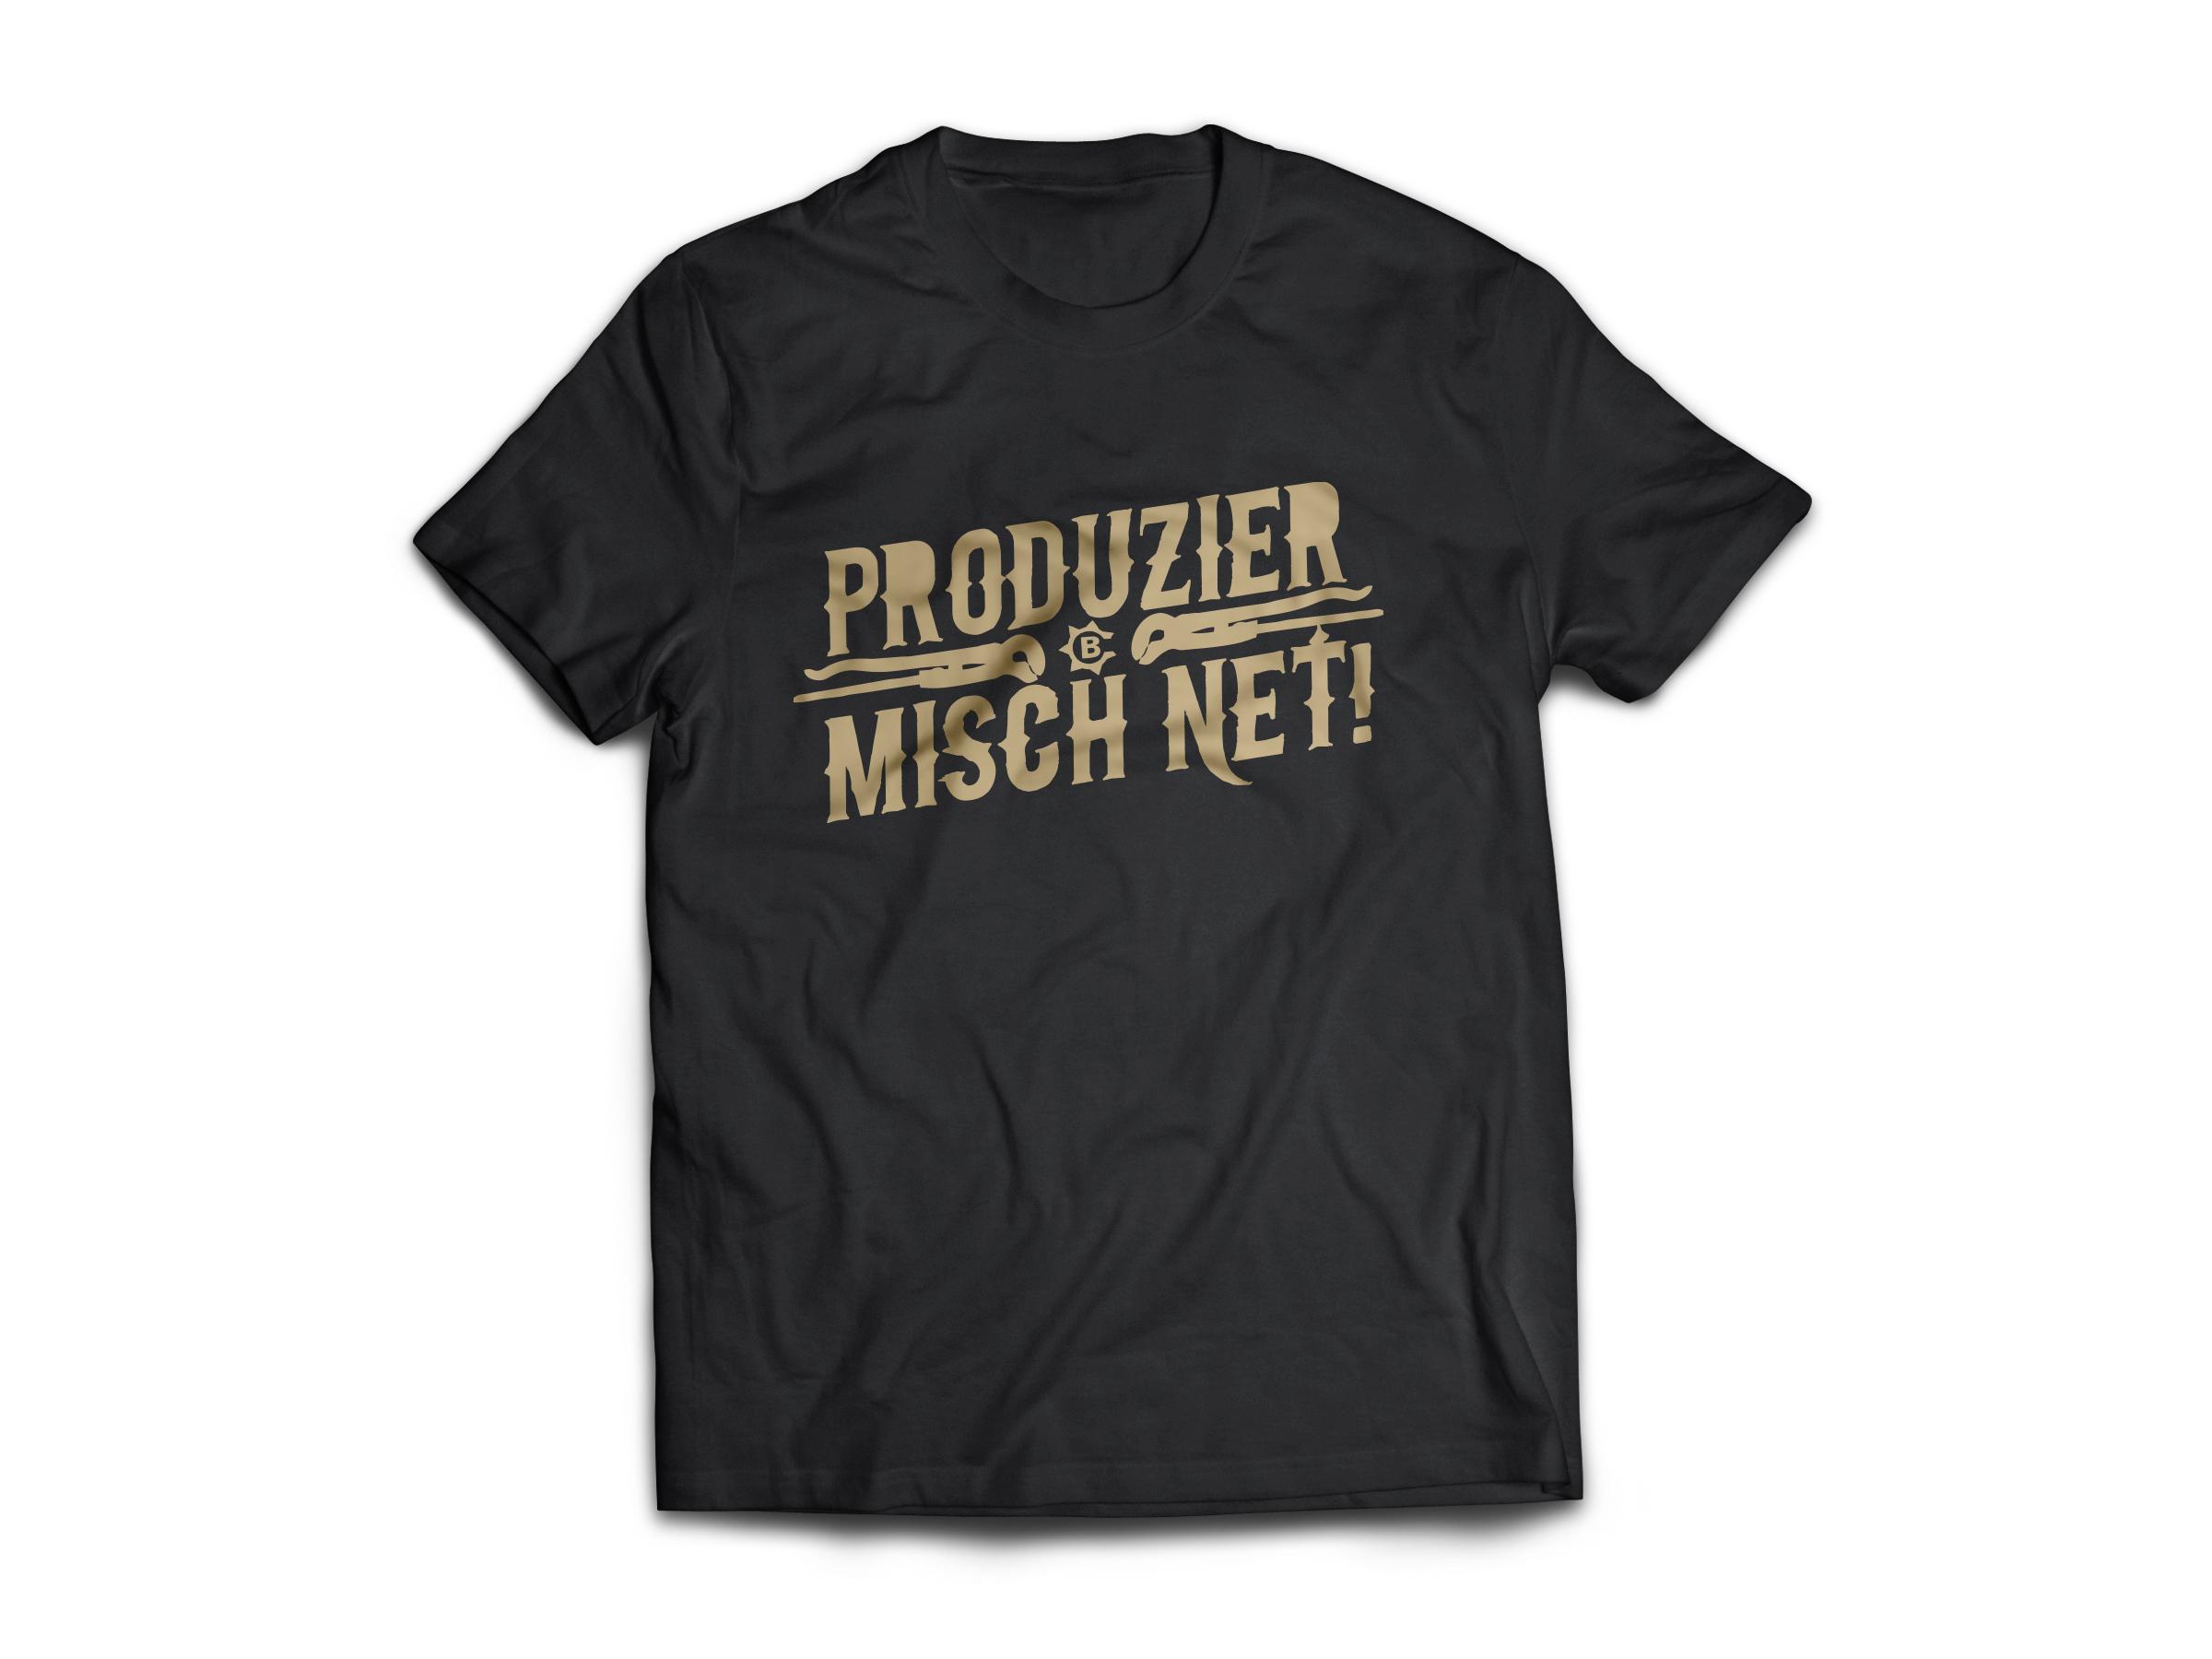 T-Shirt MockUp 4.jpg